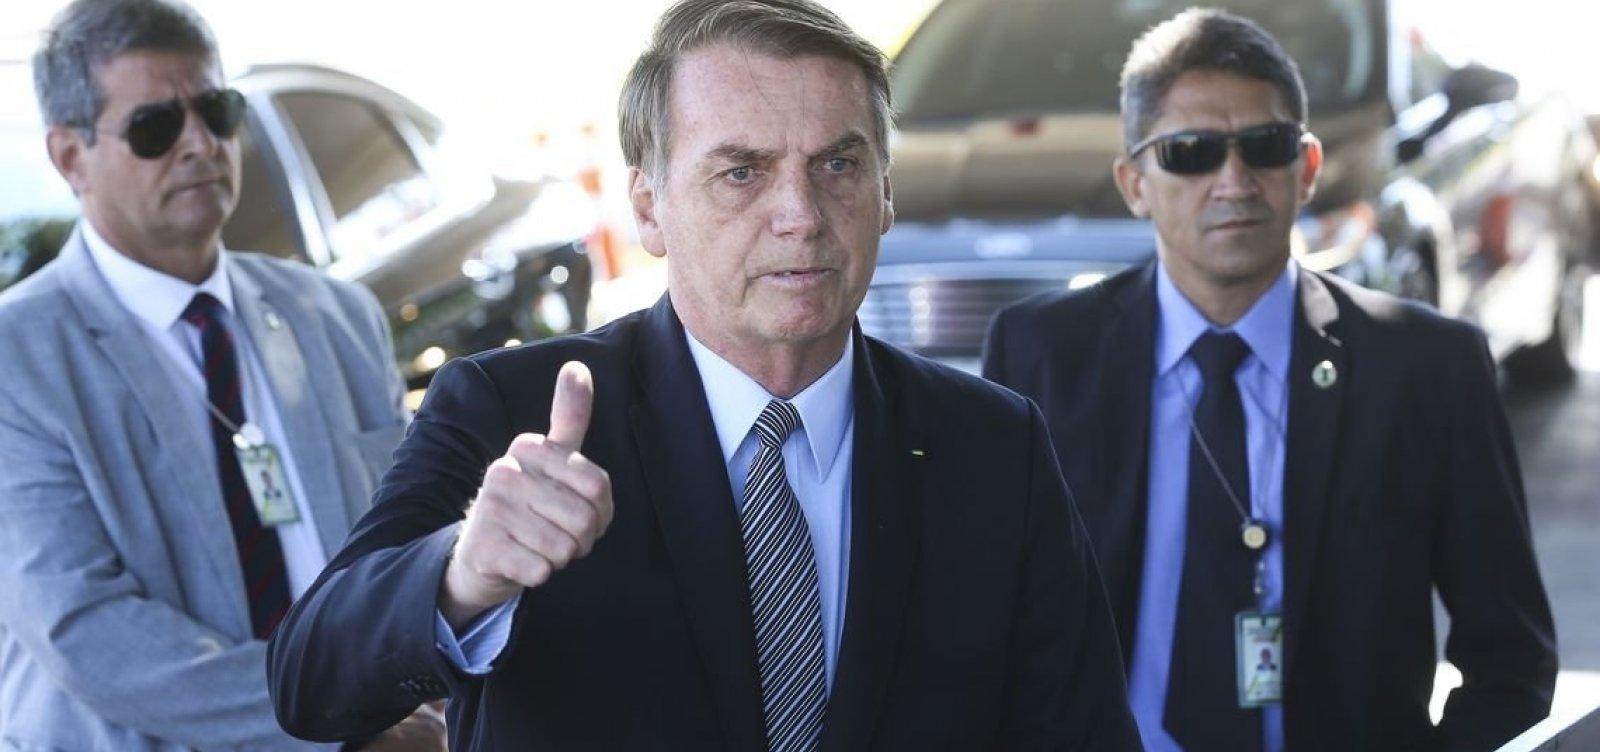 Não quero tomar o PSL de ninguém, diz Bolsonaro sobre atritos com Bivar